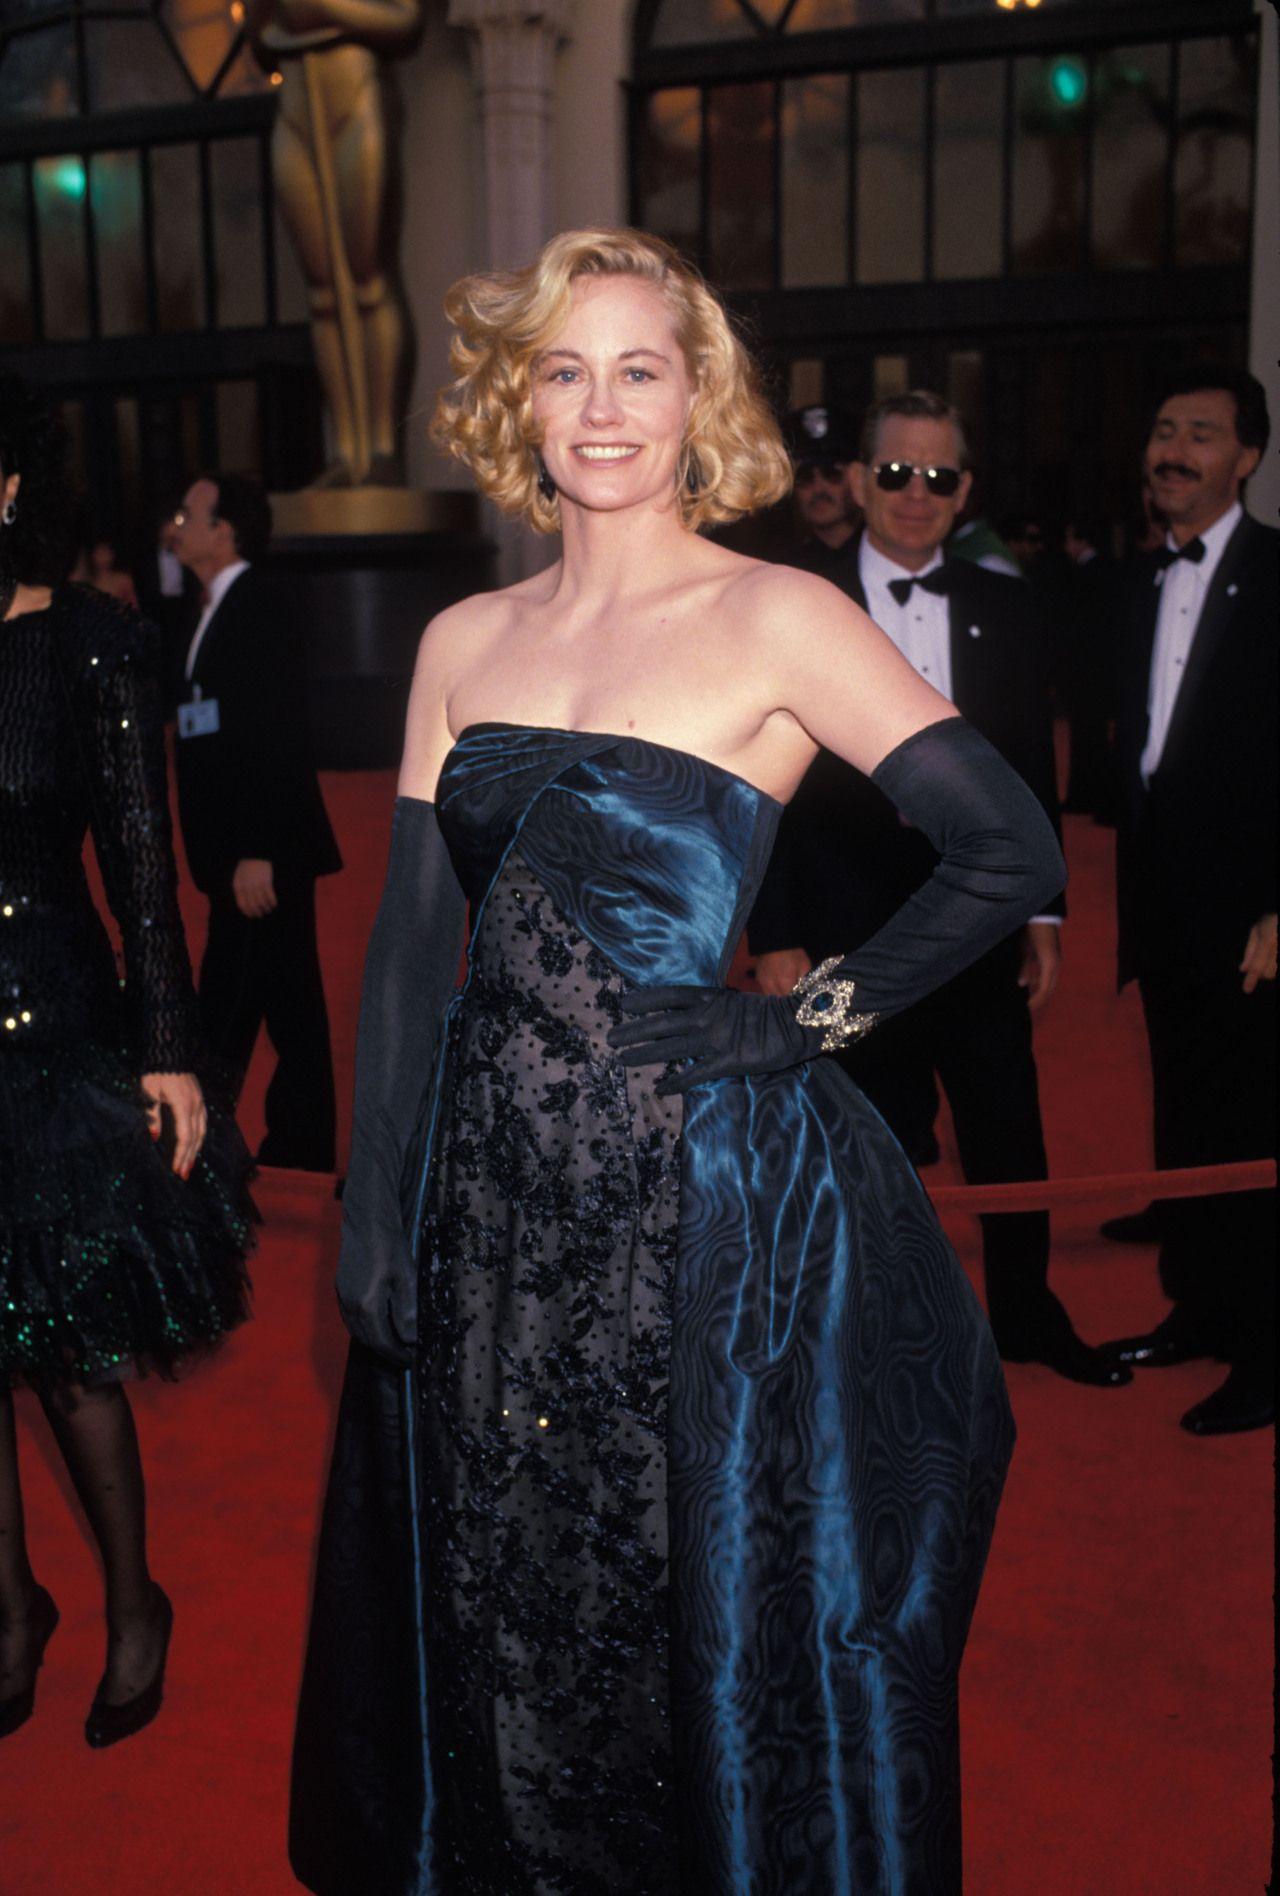 Cybill Shepherd Wearing Opera Gloves At The 1989 Academy Awards Cybill Shepherd Ball Dresses Strapless Dress Formal [ 1896 x 1280 Pixel ]